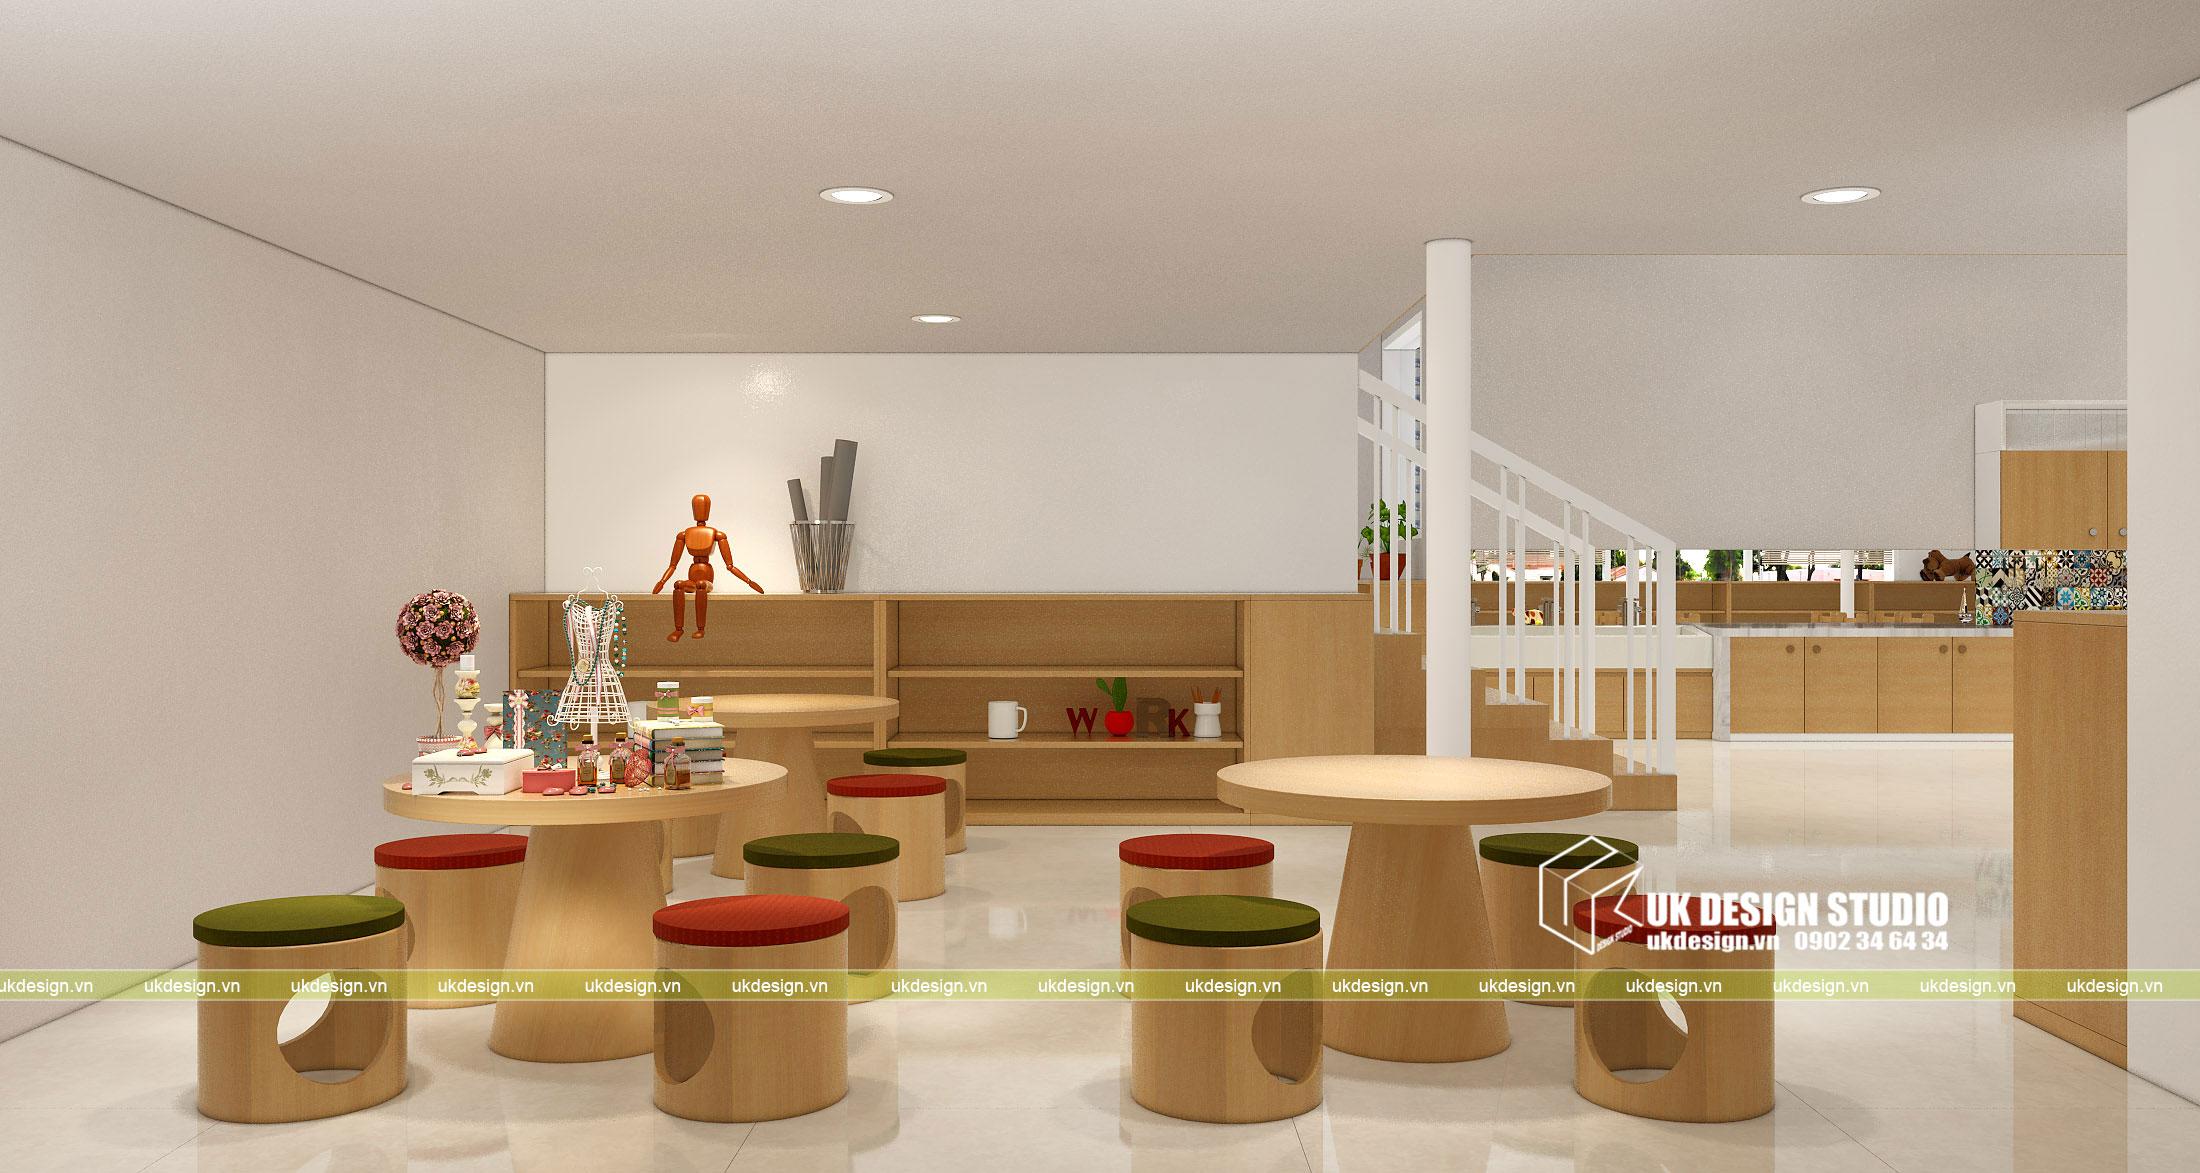 Thiết kế nội thất nhà trẻ 4